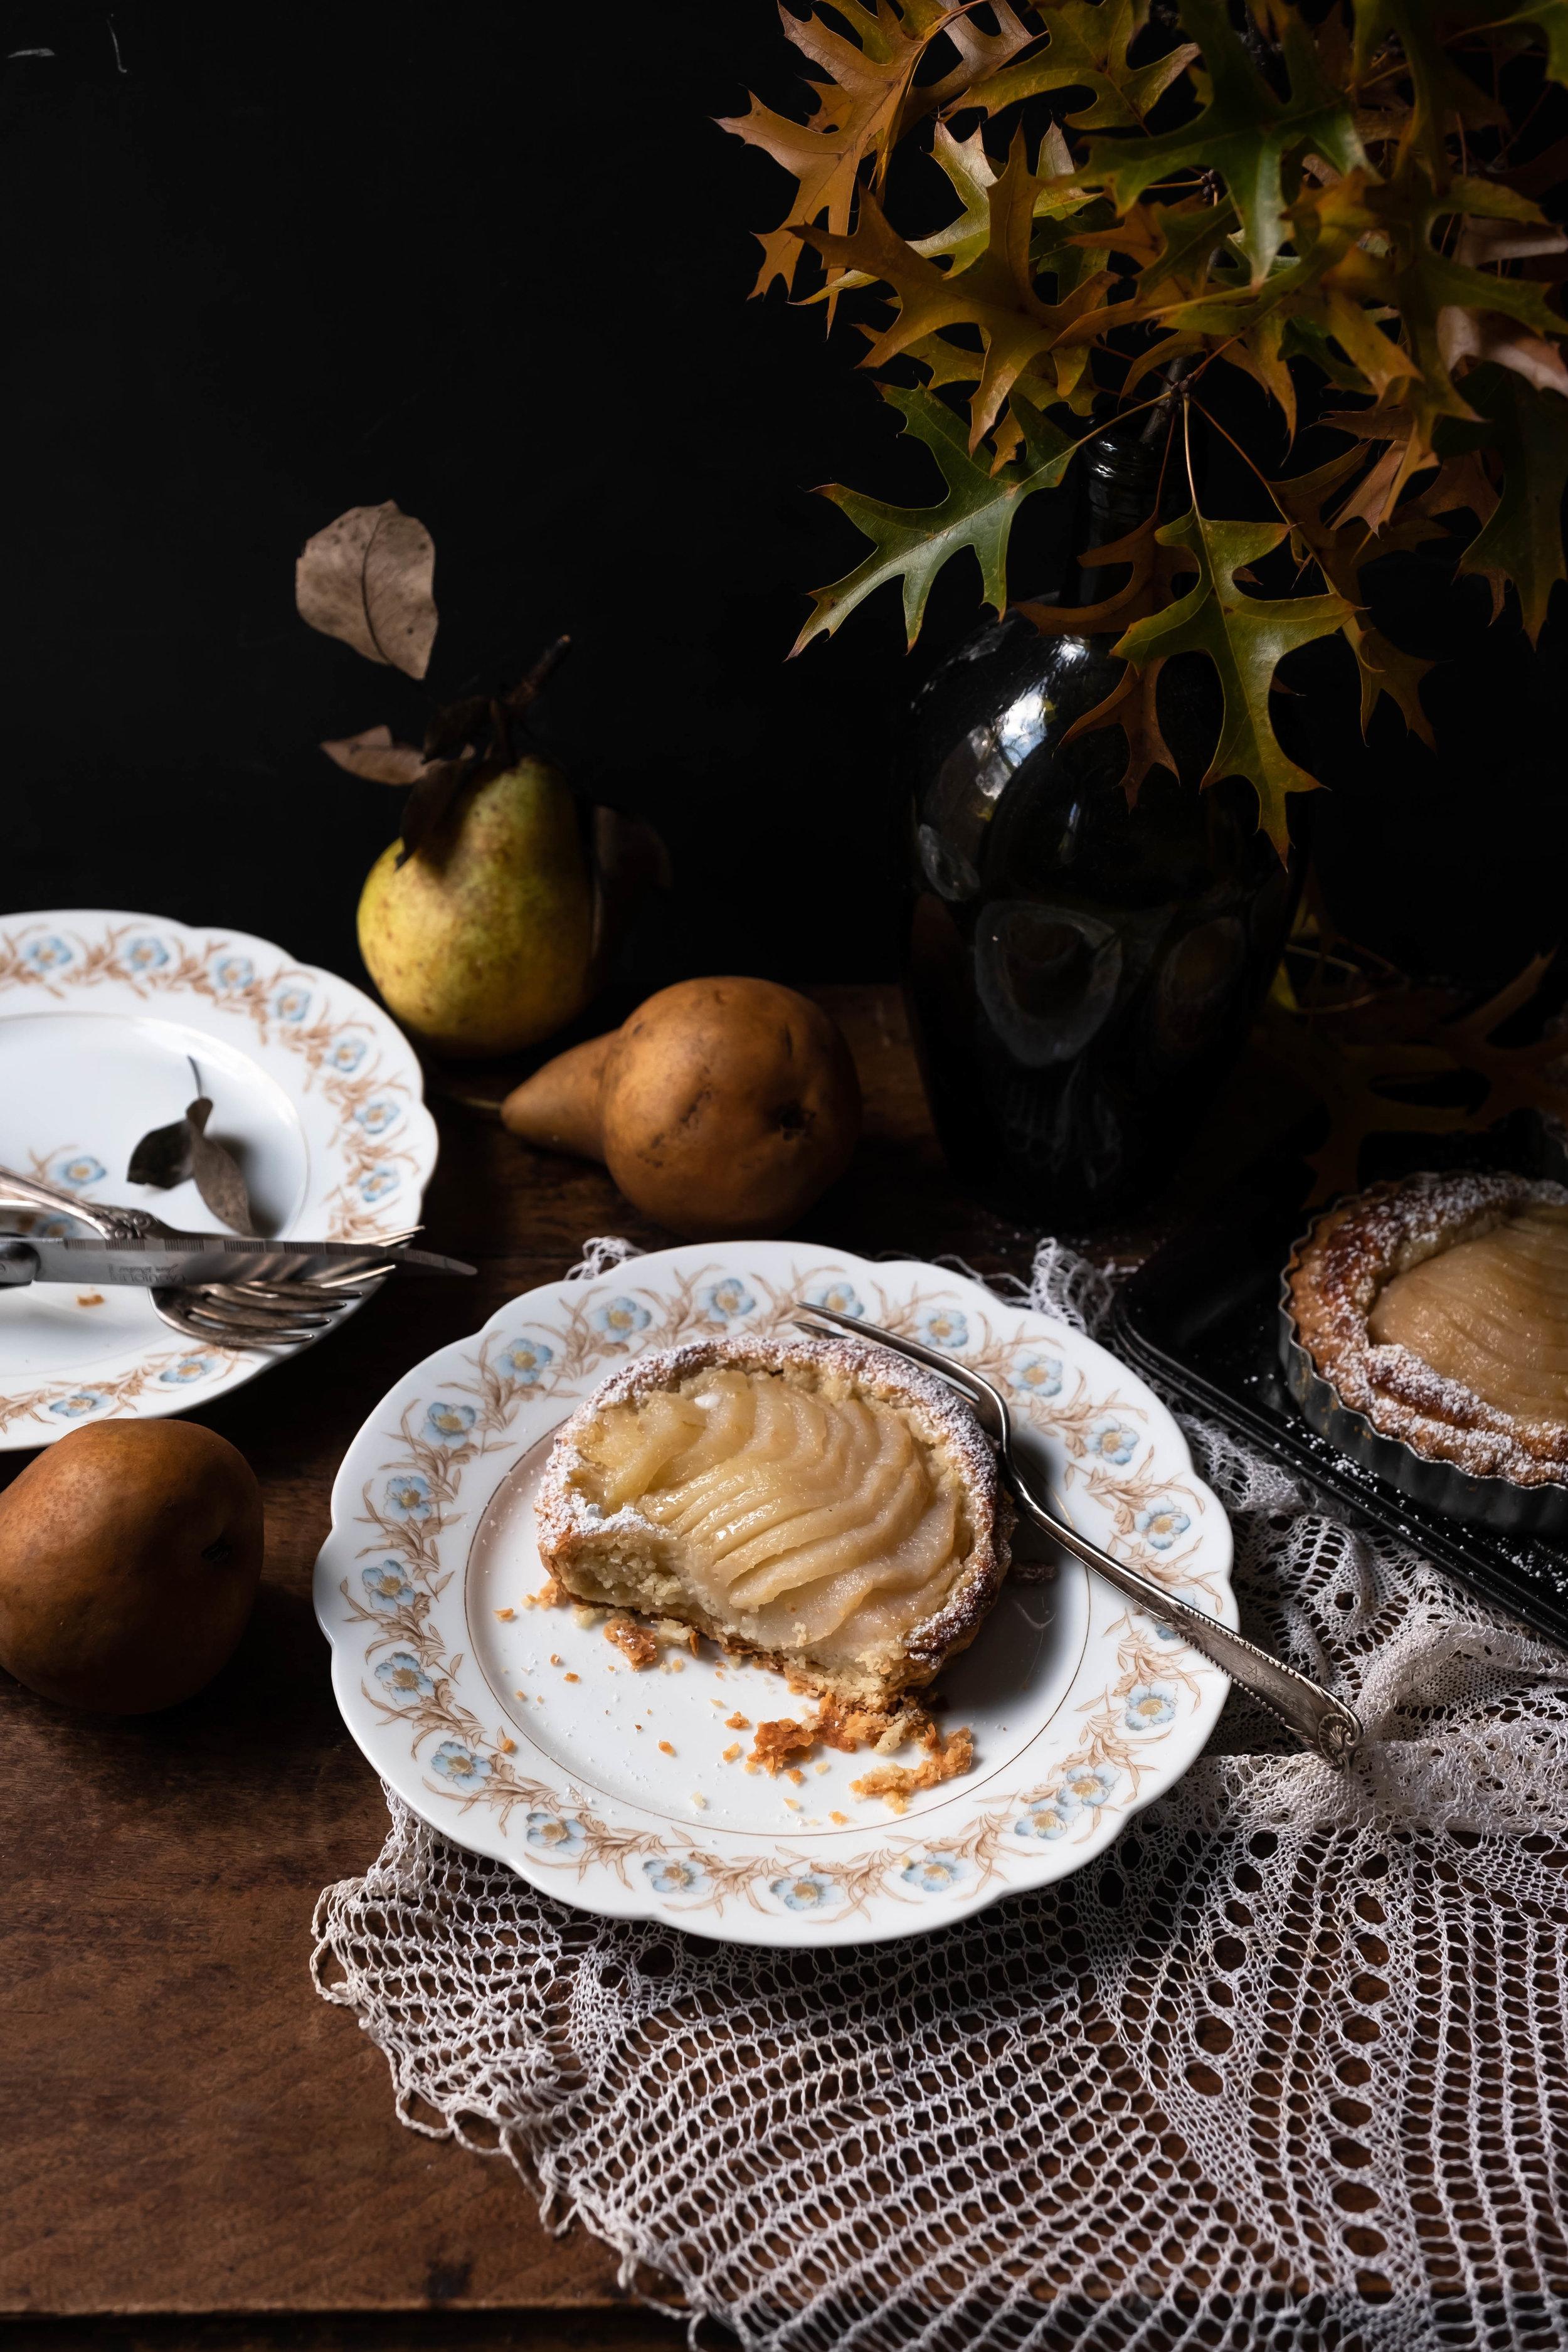 ROSE & IVY Journal Giving Thanks | A Pear Frangipane Tart for Thanksgiving Dessert